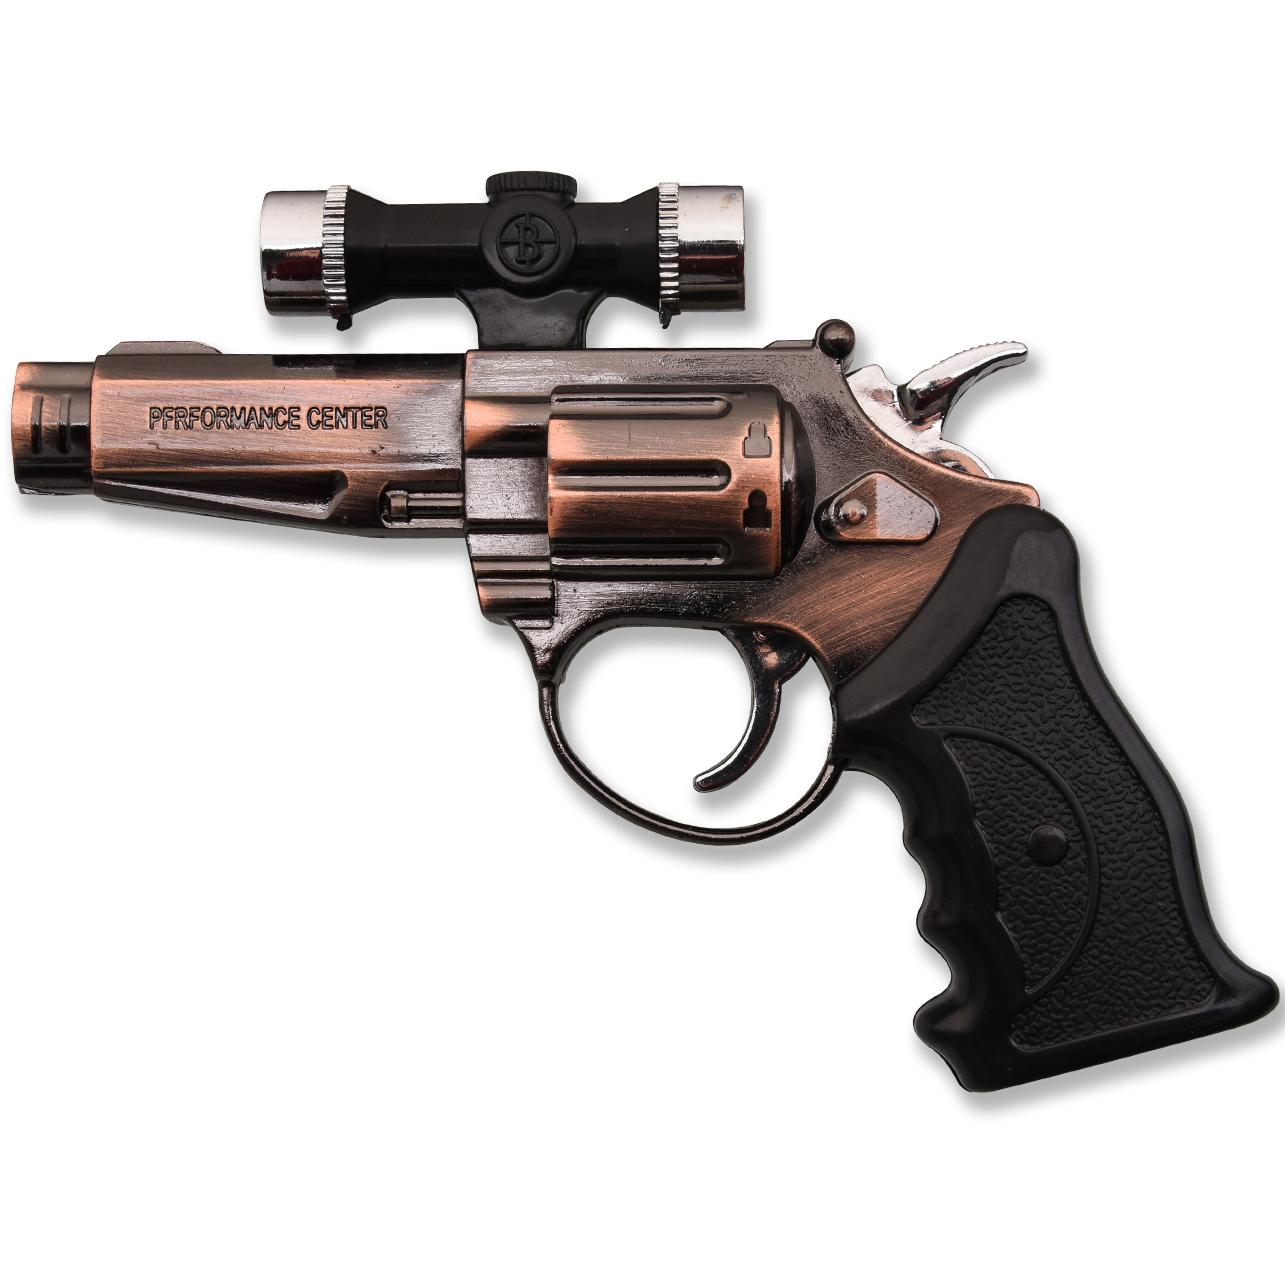 """Пистолет-зажигалка """"Performance Center"""" с лазером"""